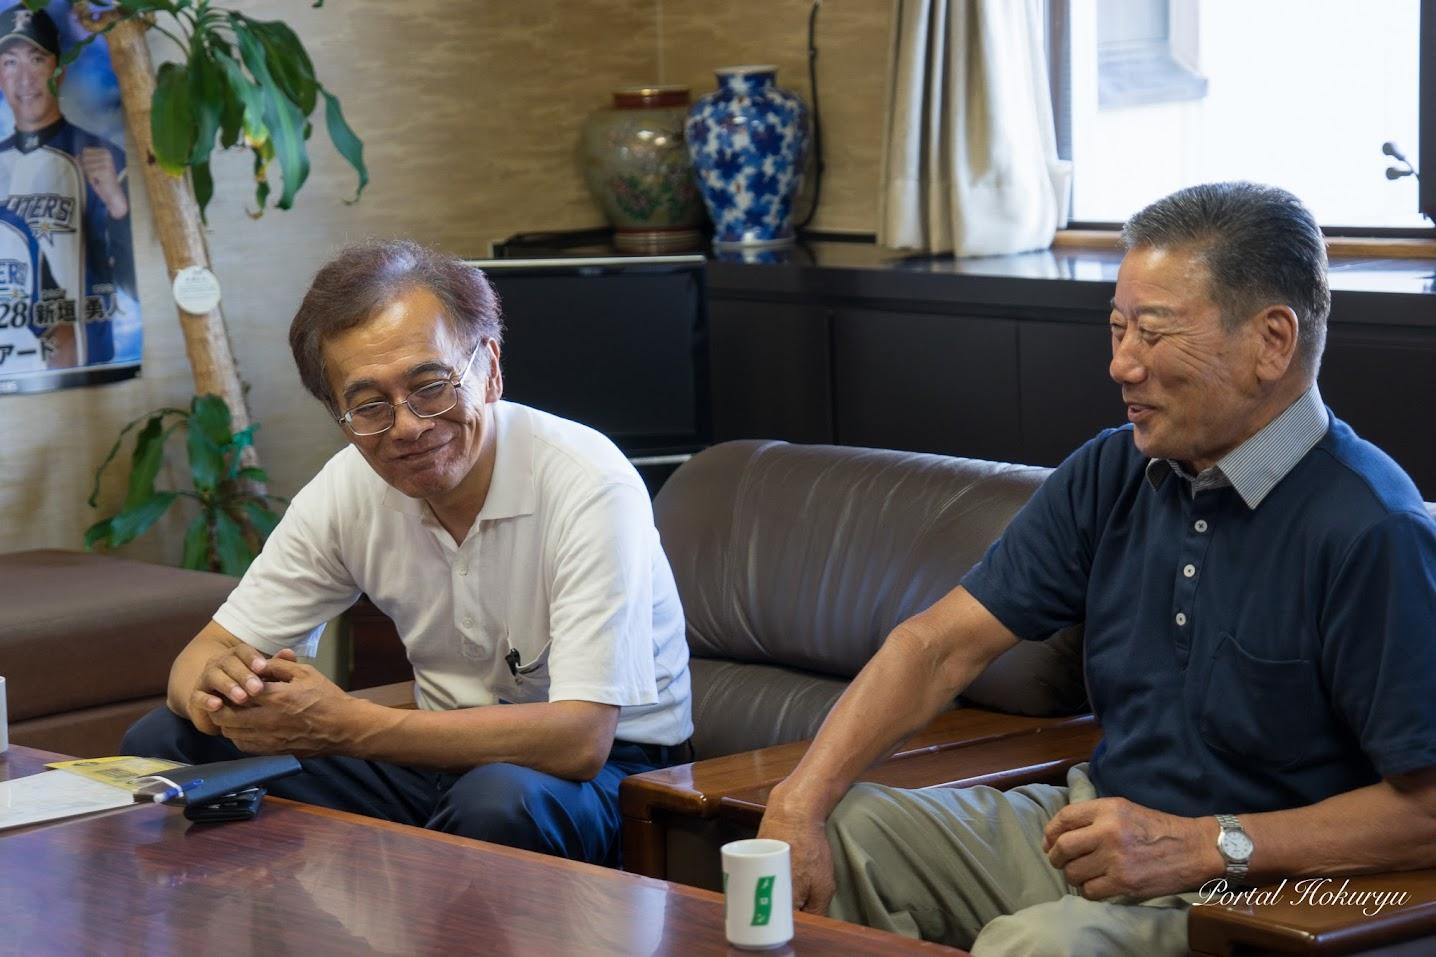 右:黄倉良二 元代表理事組合長、左:北竜支所・星野忠雄 支所長